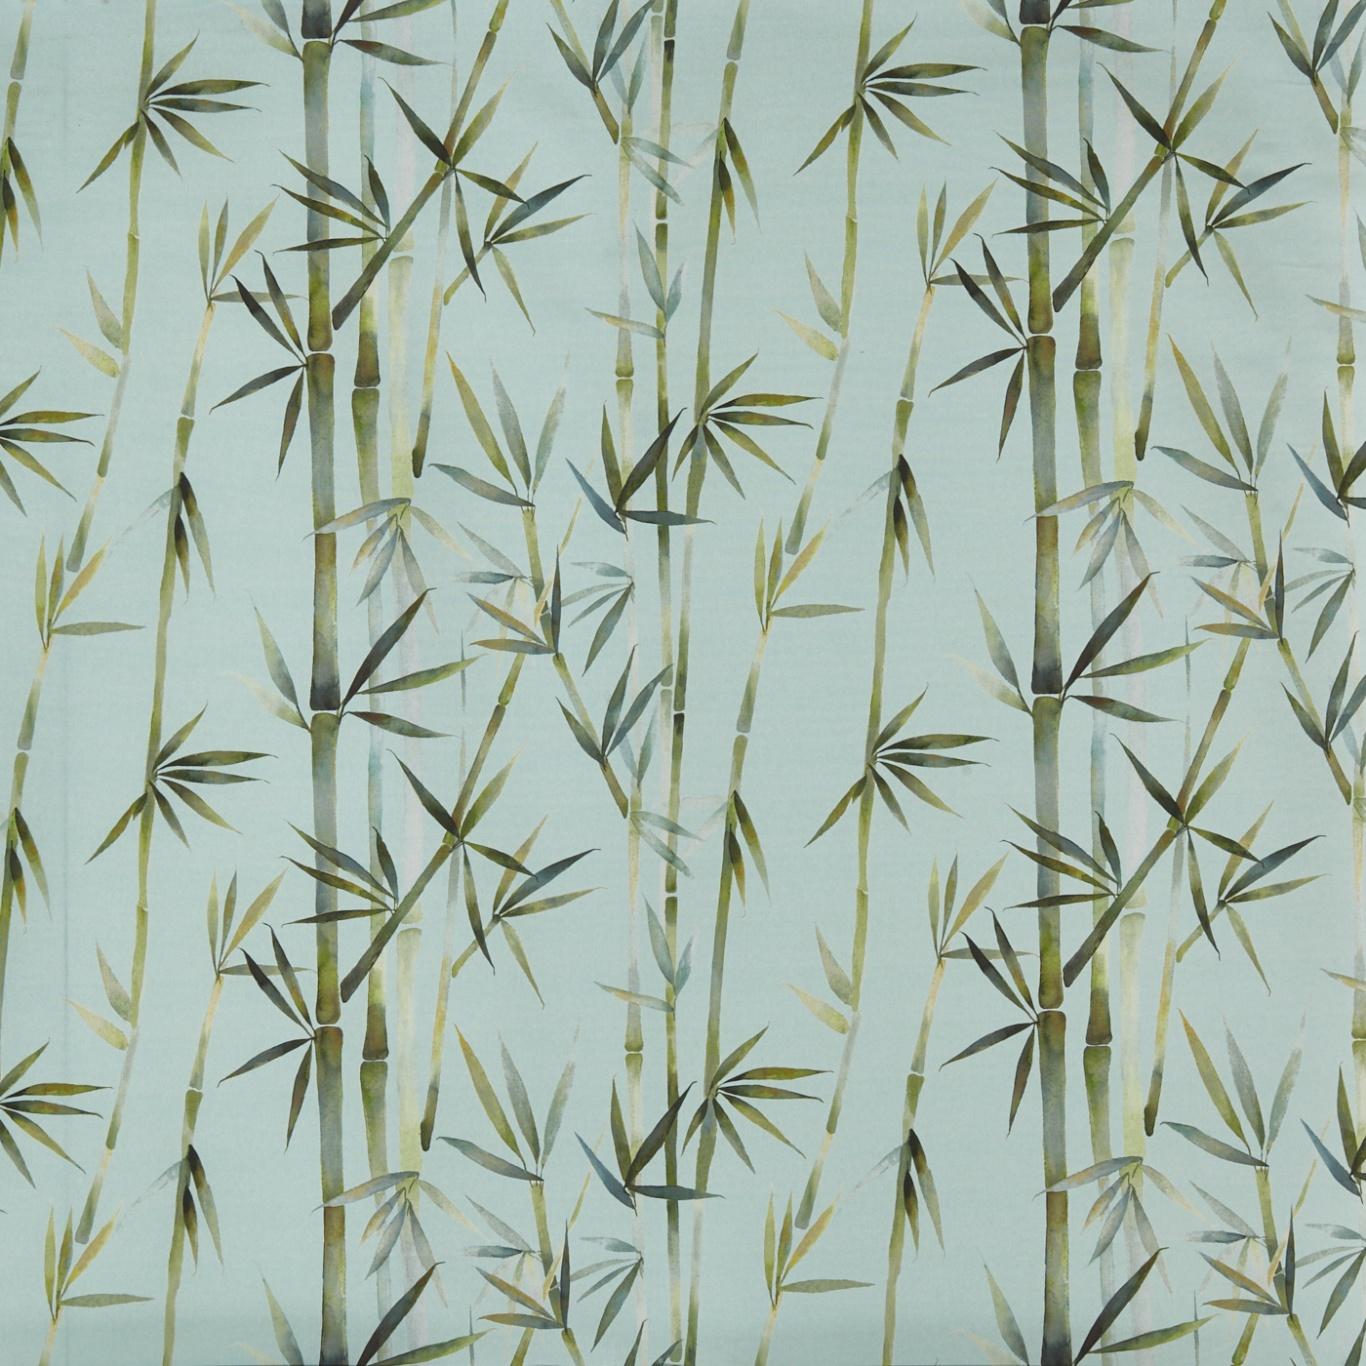 Image of Prestigious Pacific Ocean Fabric 8704/711